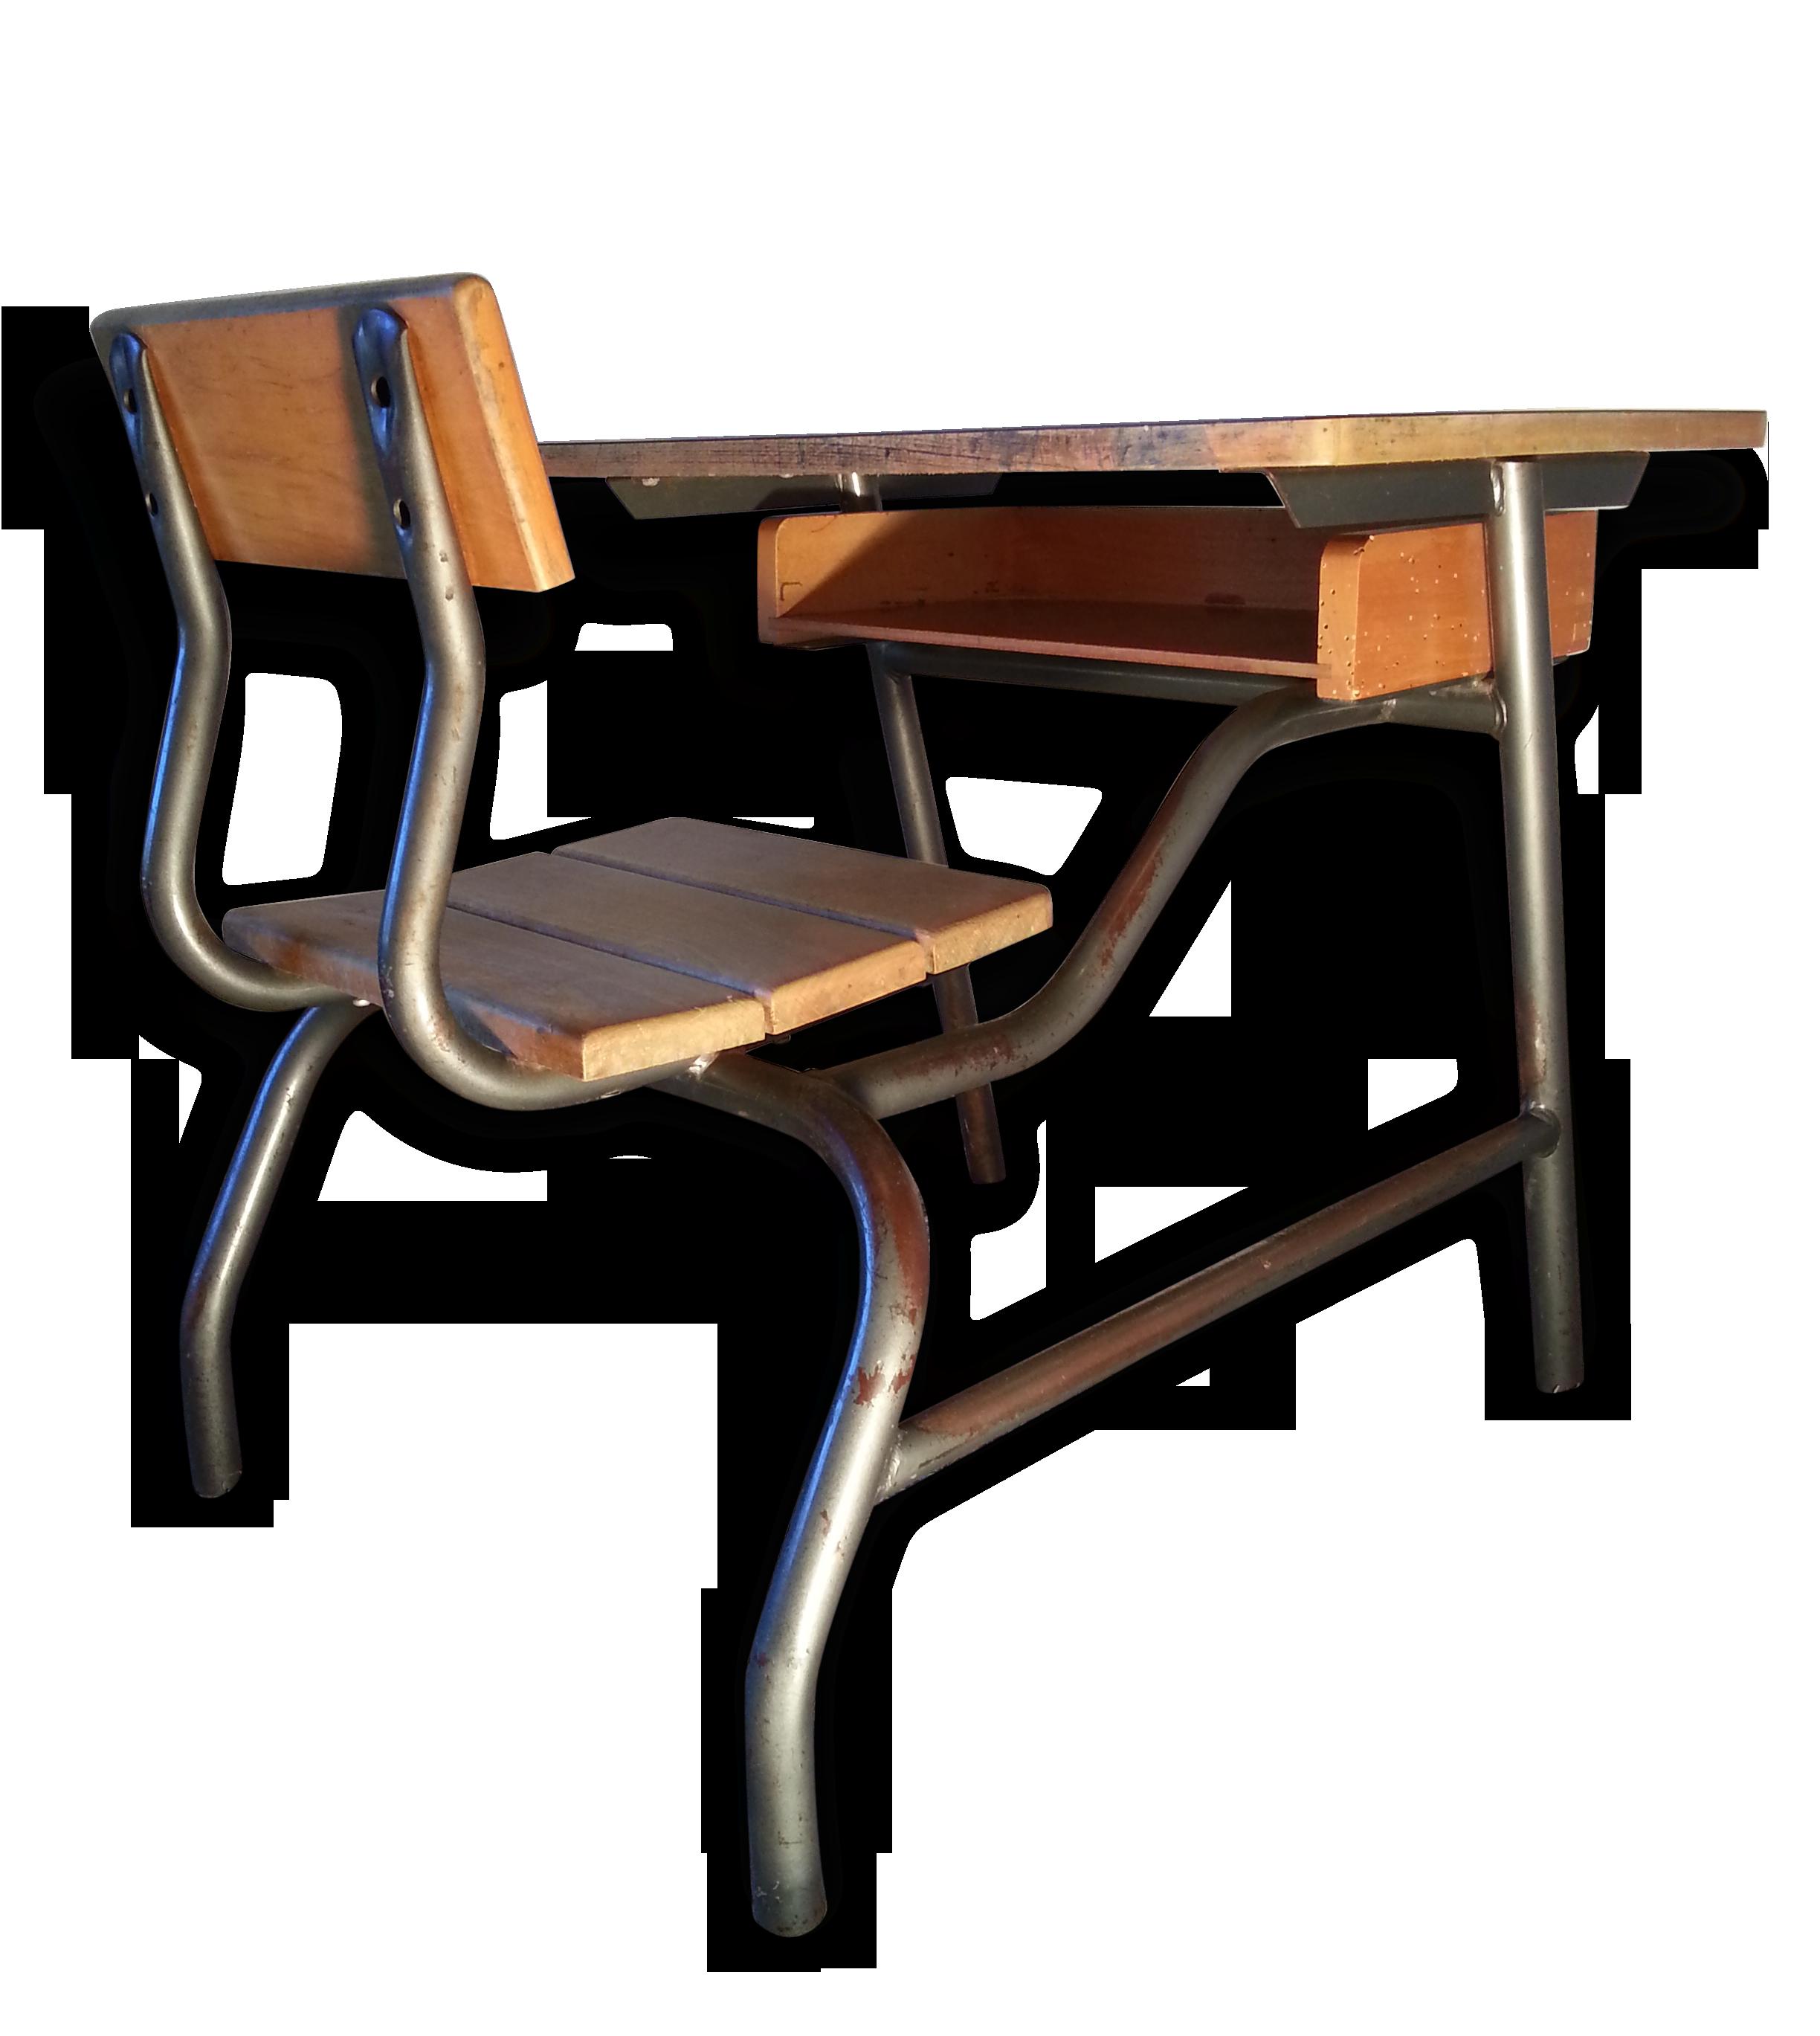 Bureau d écolier en bois et formica le vrai pupitre des années